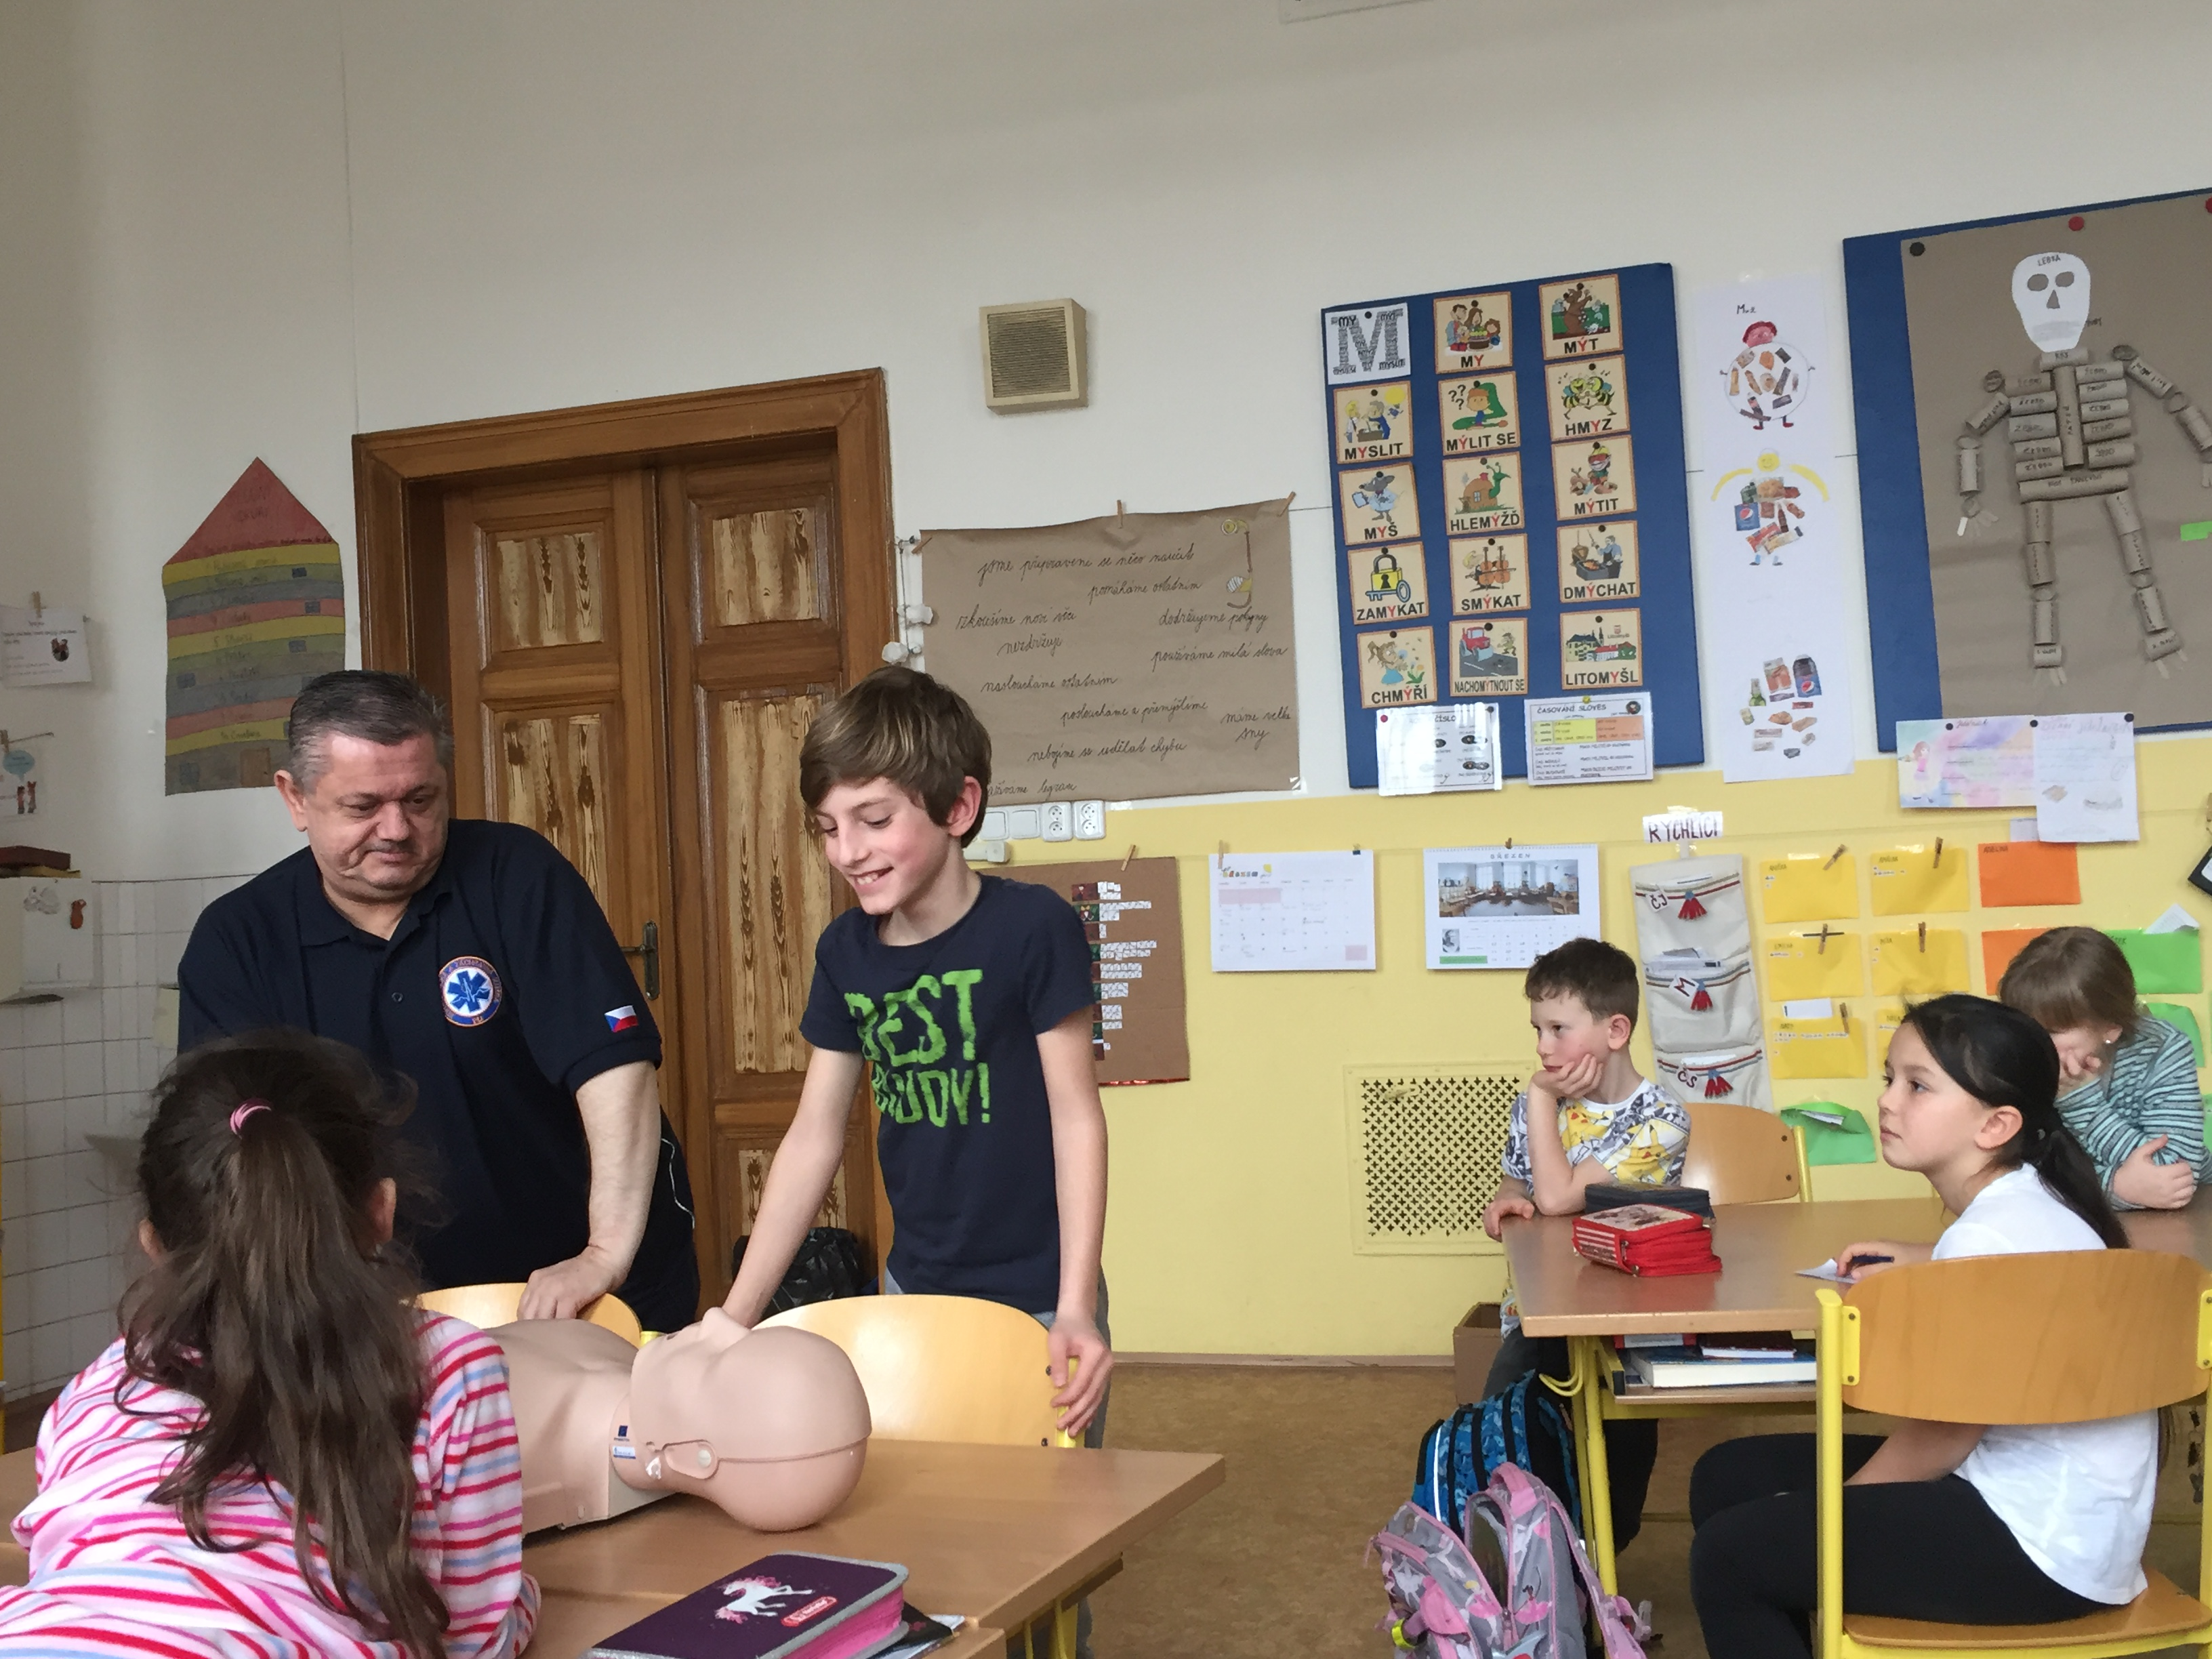 Preventivní program HZS pro žáky 3. C, Základní škola, Praha 3, nám. Jiřího z Poděbrad